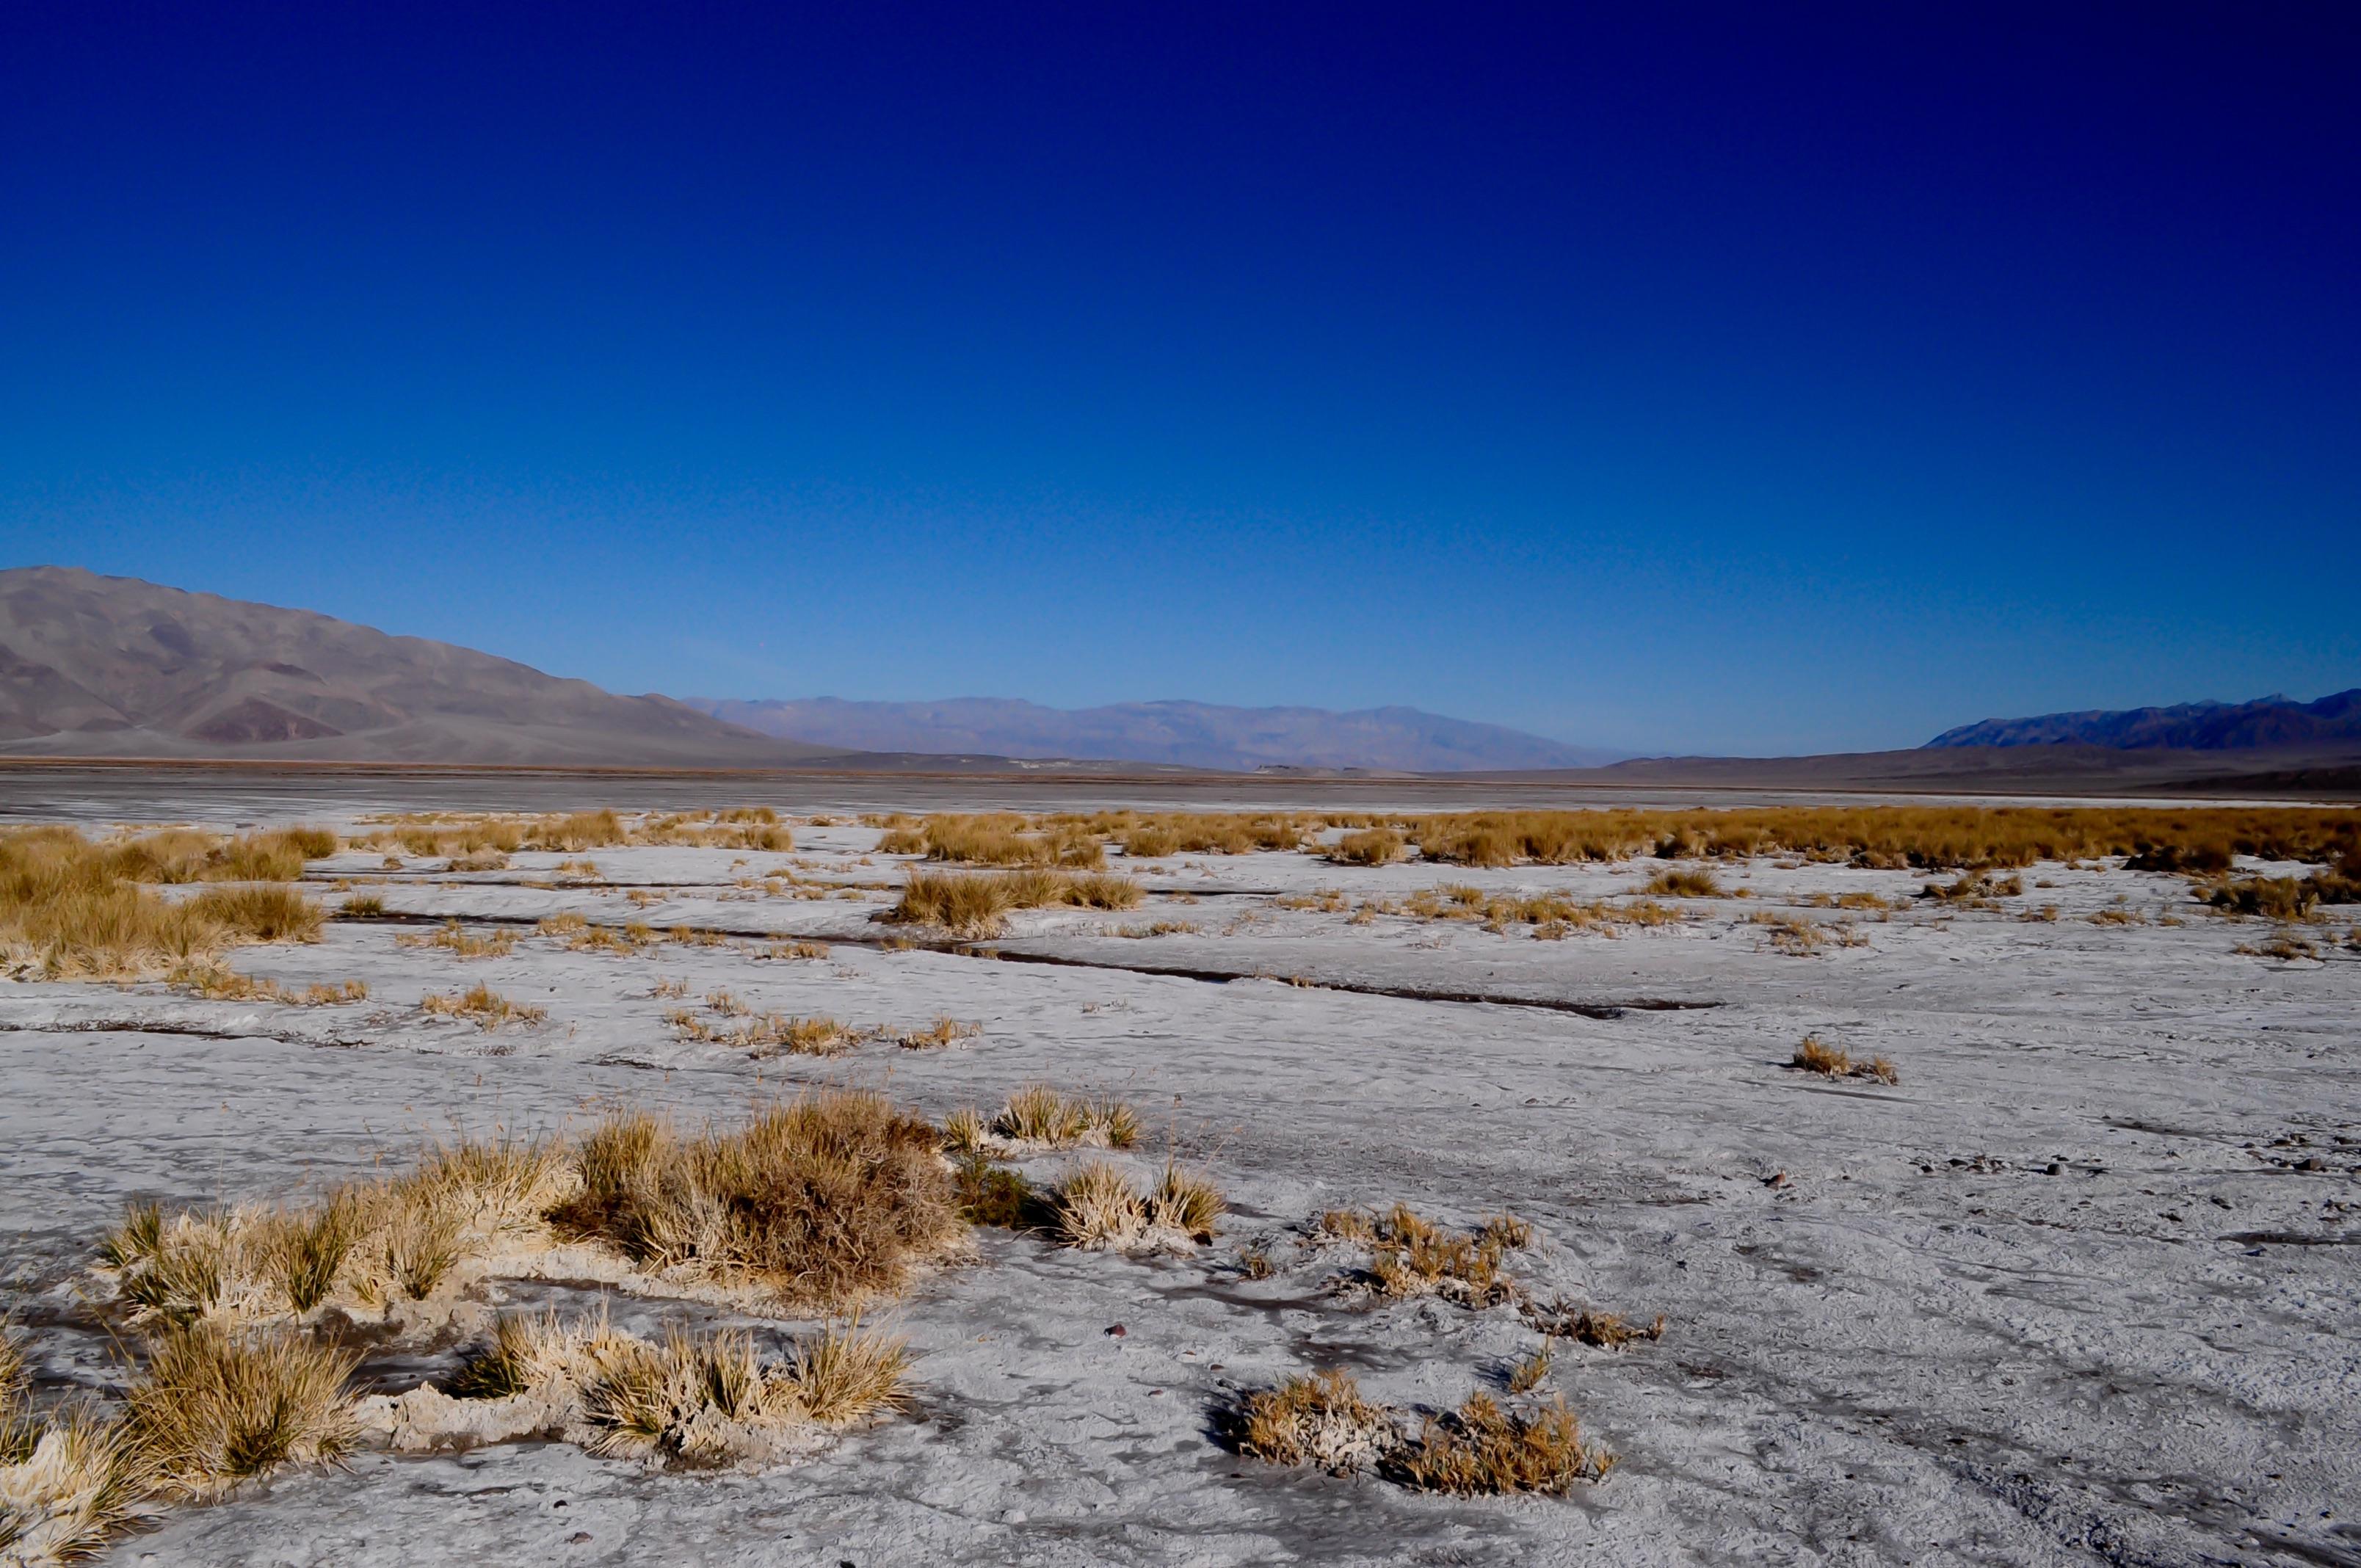 тебе картинка арктические почвы любит поострее